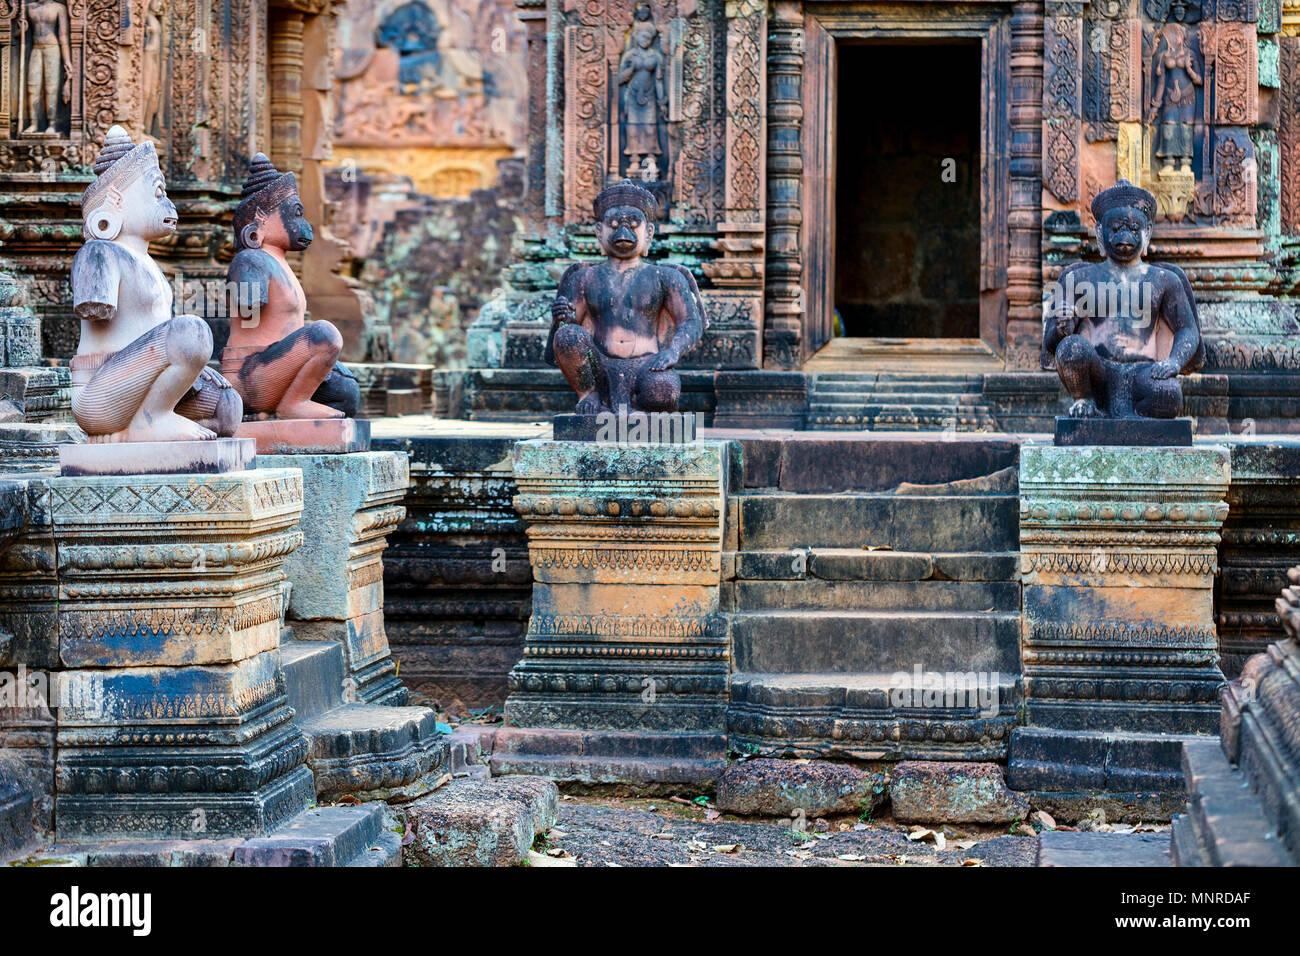 Bellissimo il Banteay Srei sculture del tempio di Angkor area archeologica in Cambogia Immagini Stock